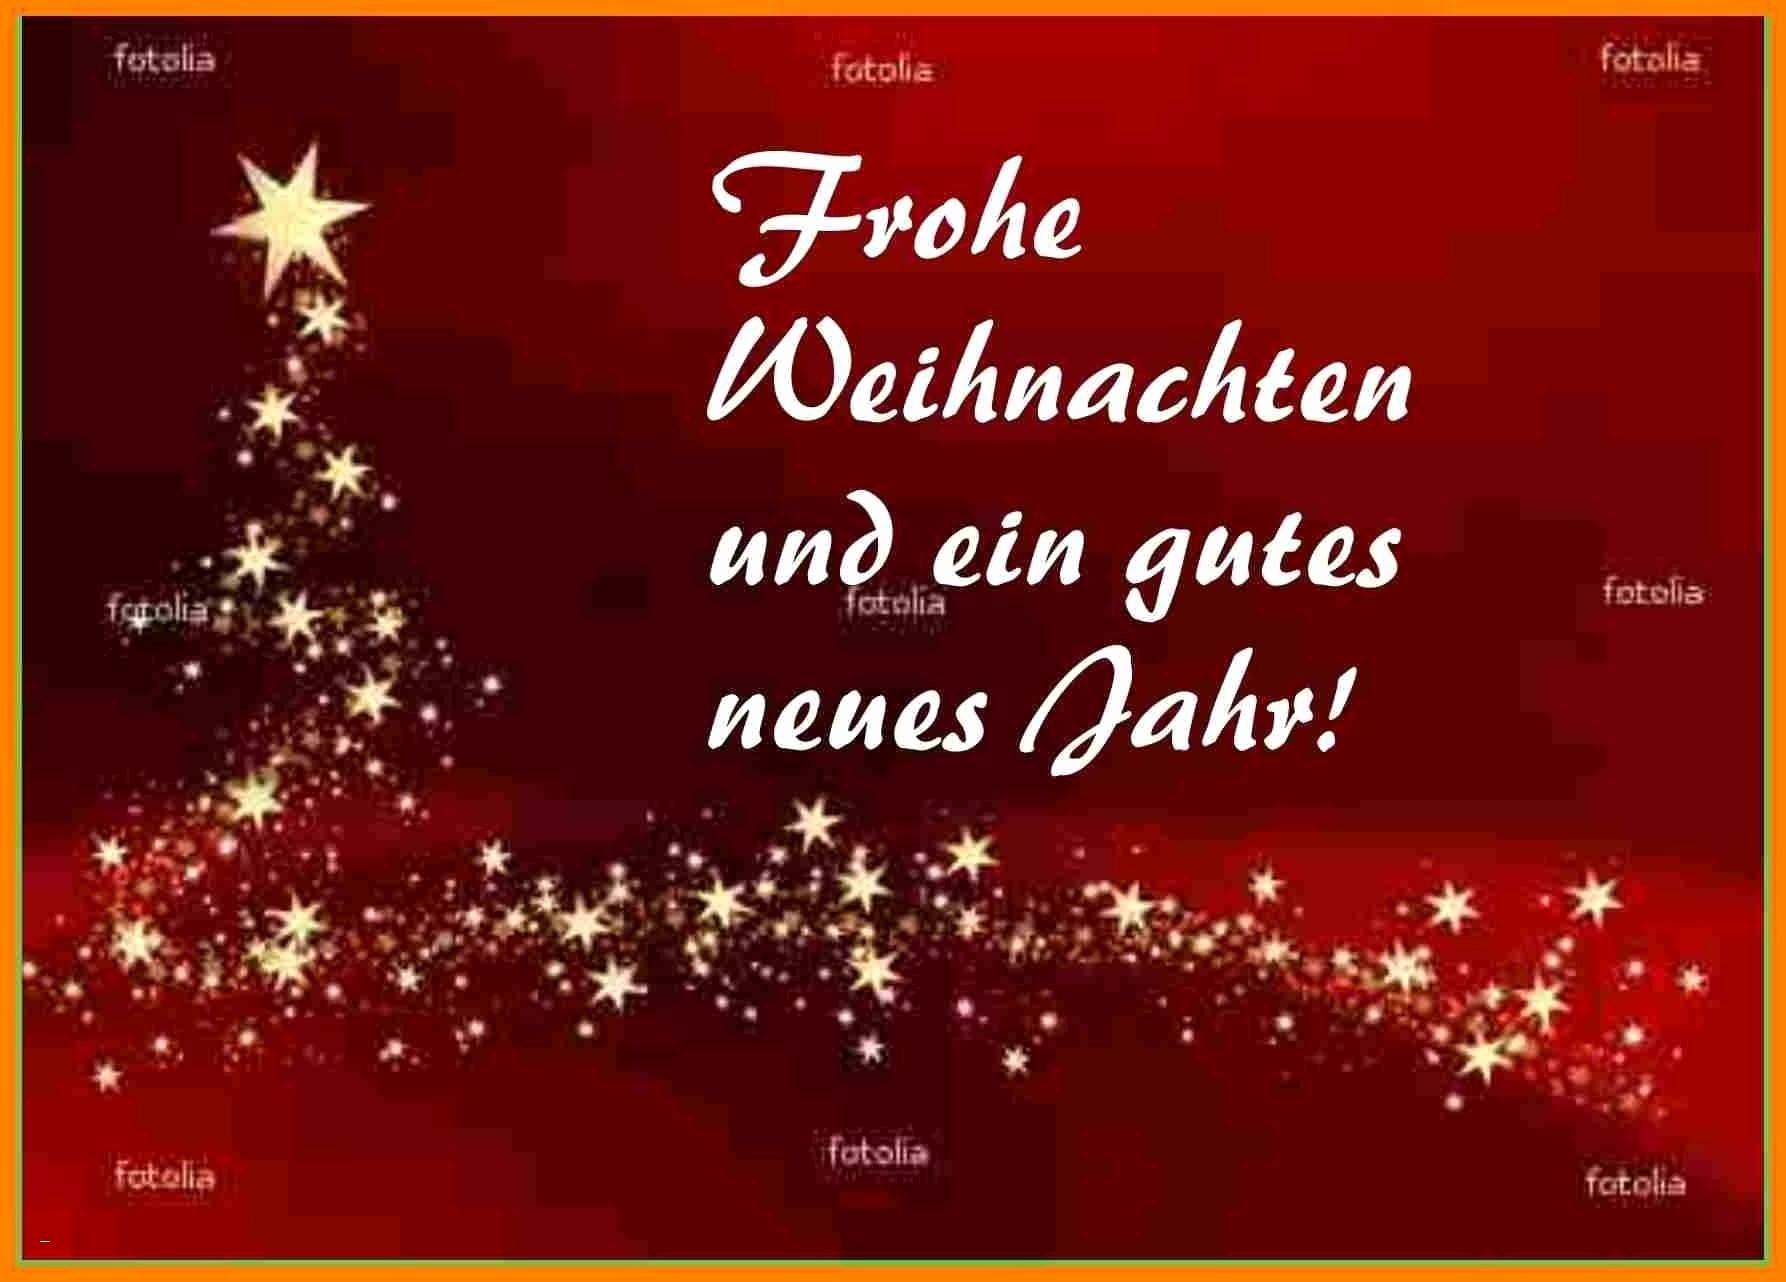 Weihnachtskarte Vorlage Schön Weihnachtskarte Gestalten in Weihnachtskarten Vorlage